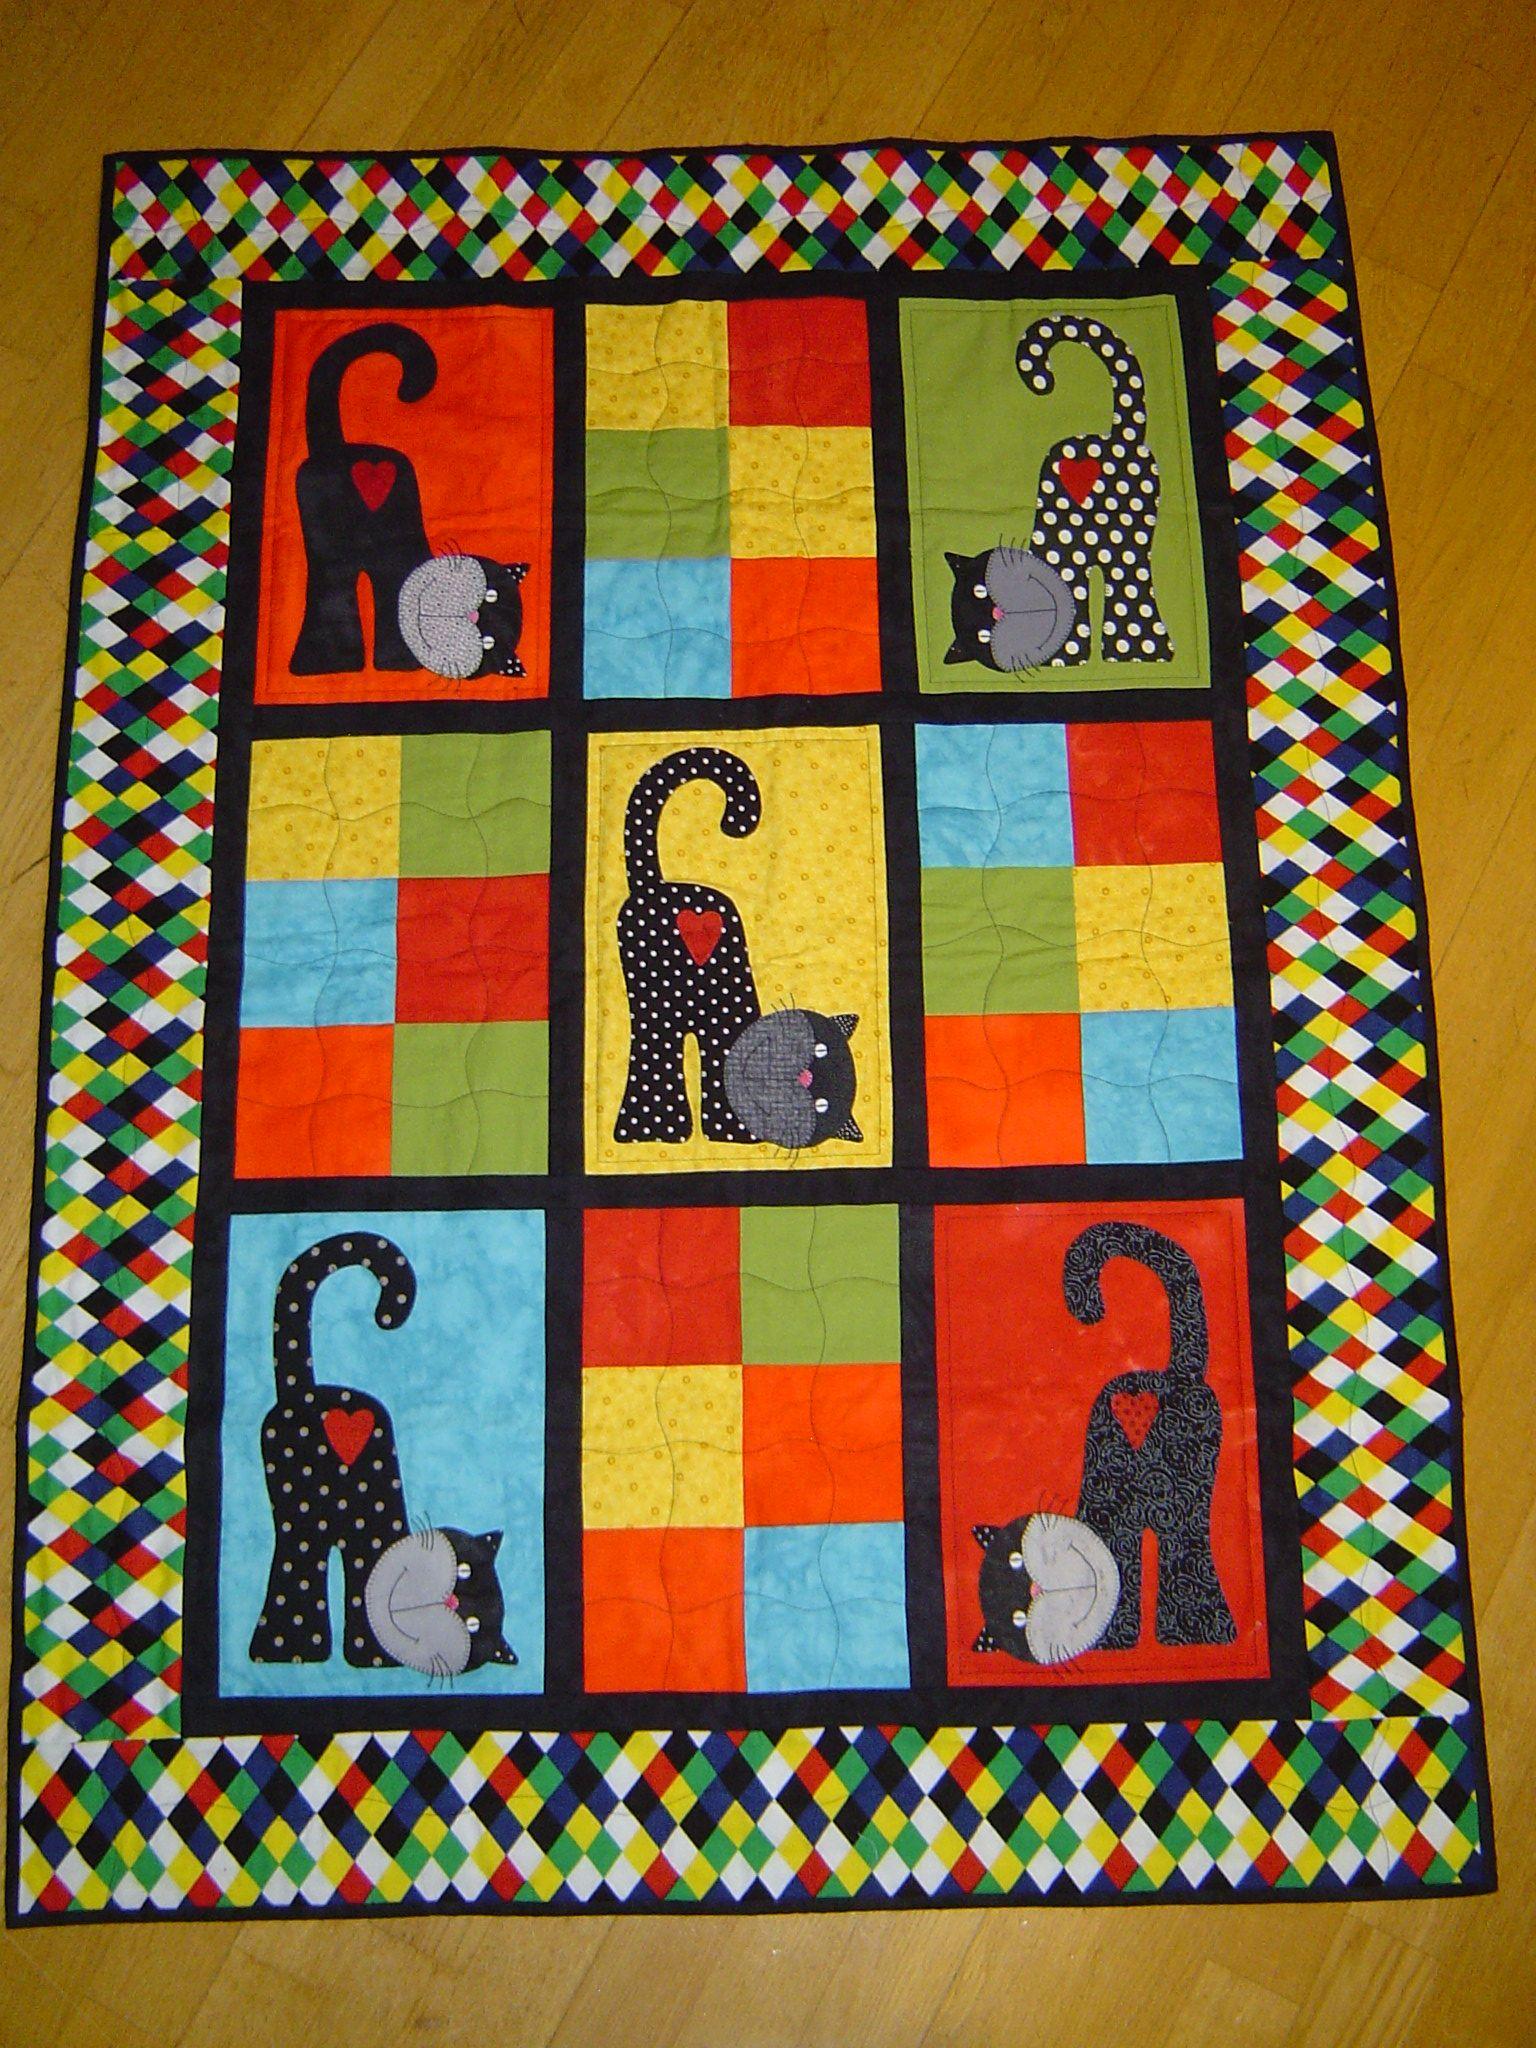 """Laget dette teppet til """"Tepper til glede""""etter inspirasjon fra et bilde av katten jeg fant på Pinterest."""